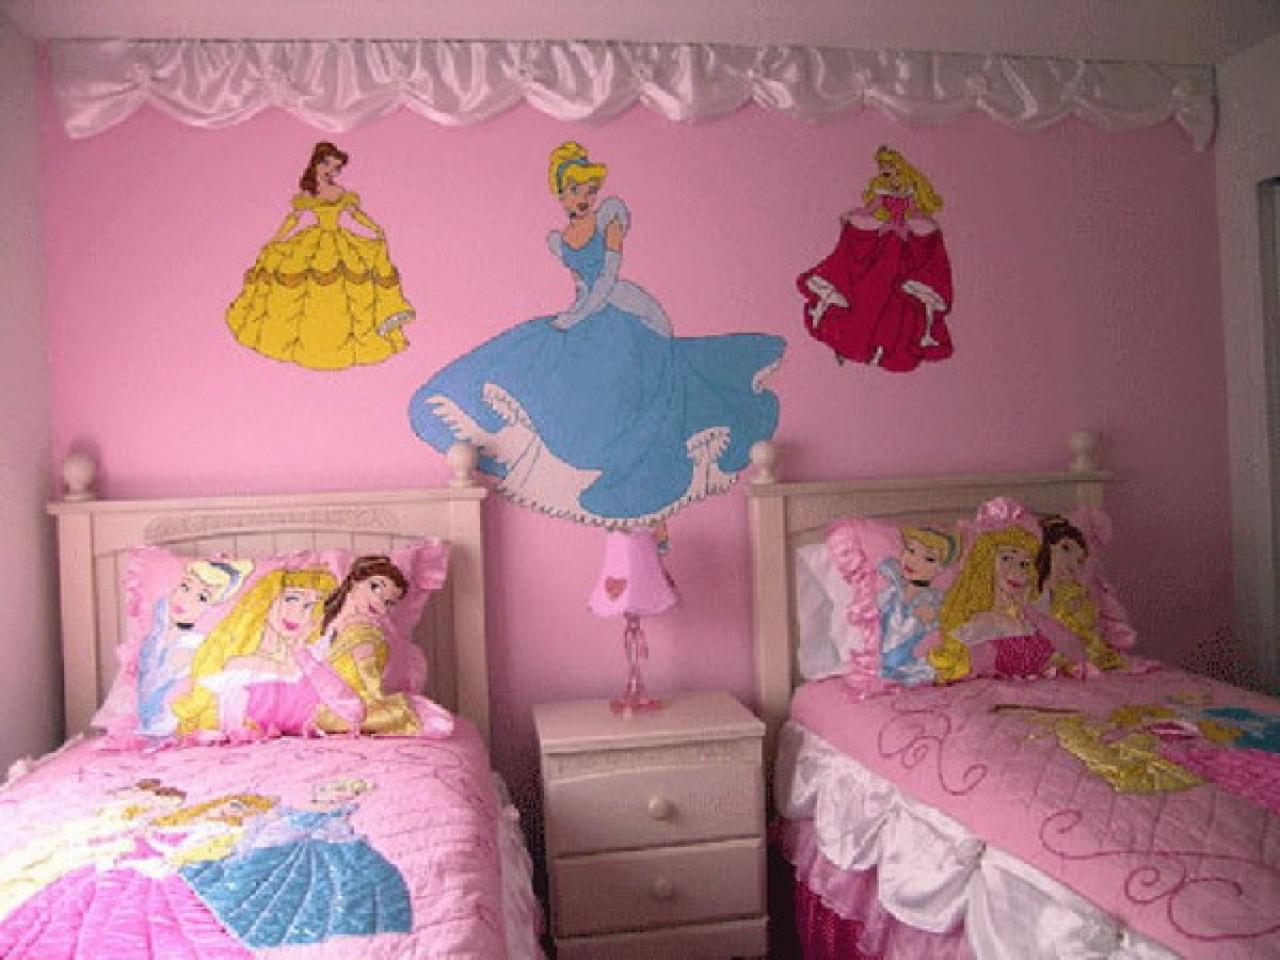 Girls wallpaper bedroom design ideas picture buy bedroom wallpaper 1280x960